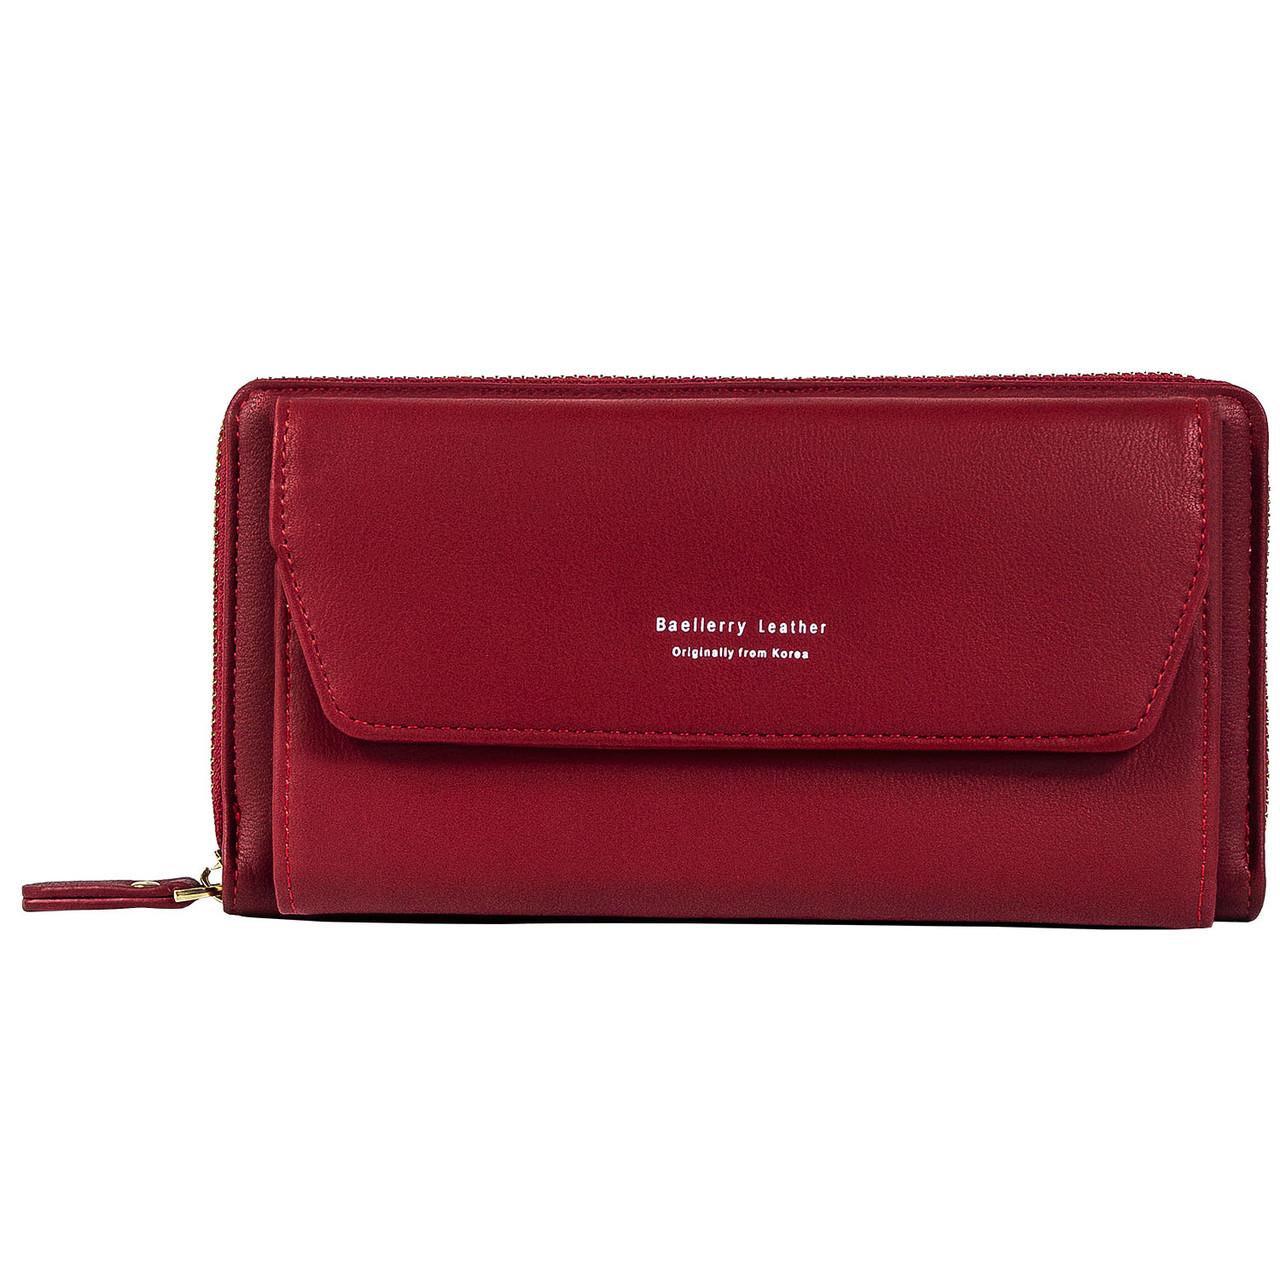 Женский Кошелек Клатч Baellerry Leather (N5509) на Молнии для Карточек с Ремешком Красный